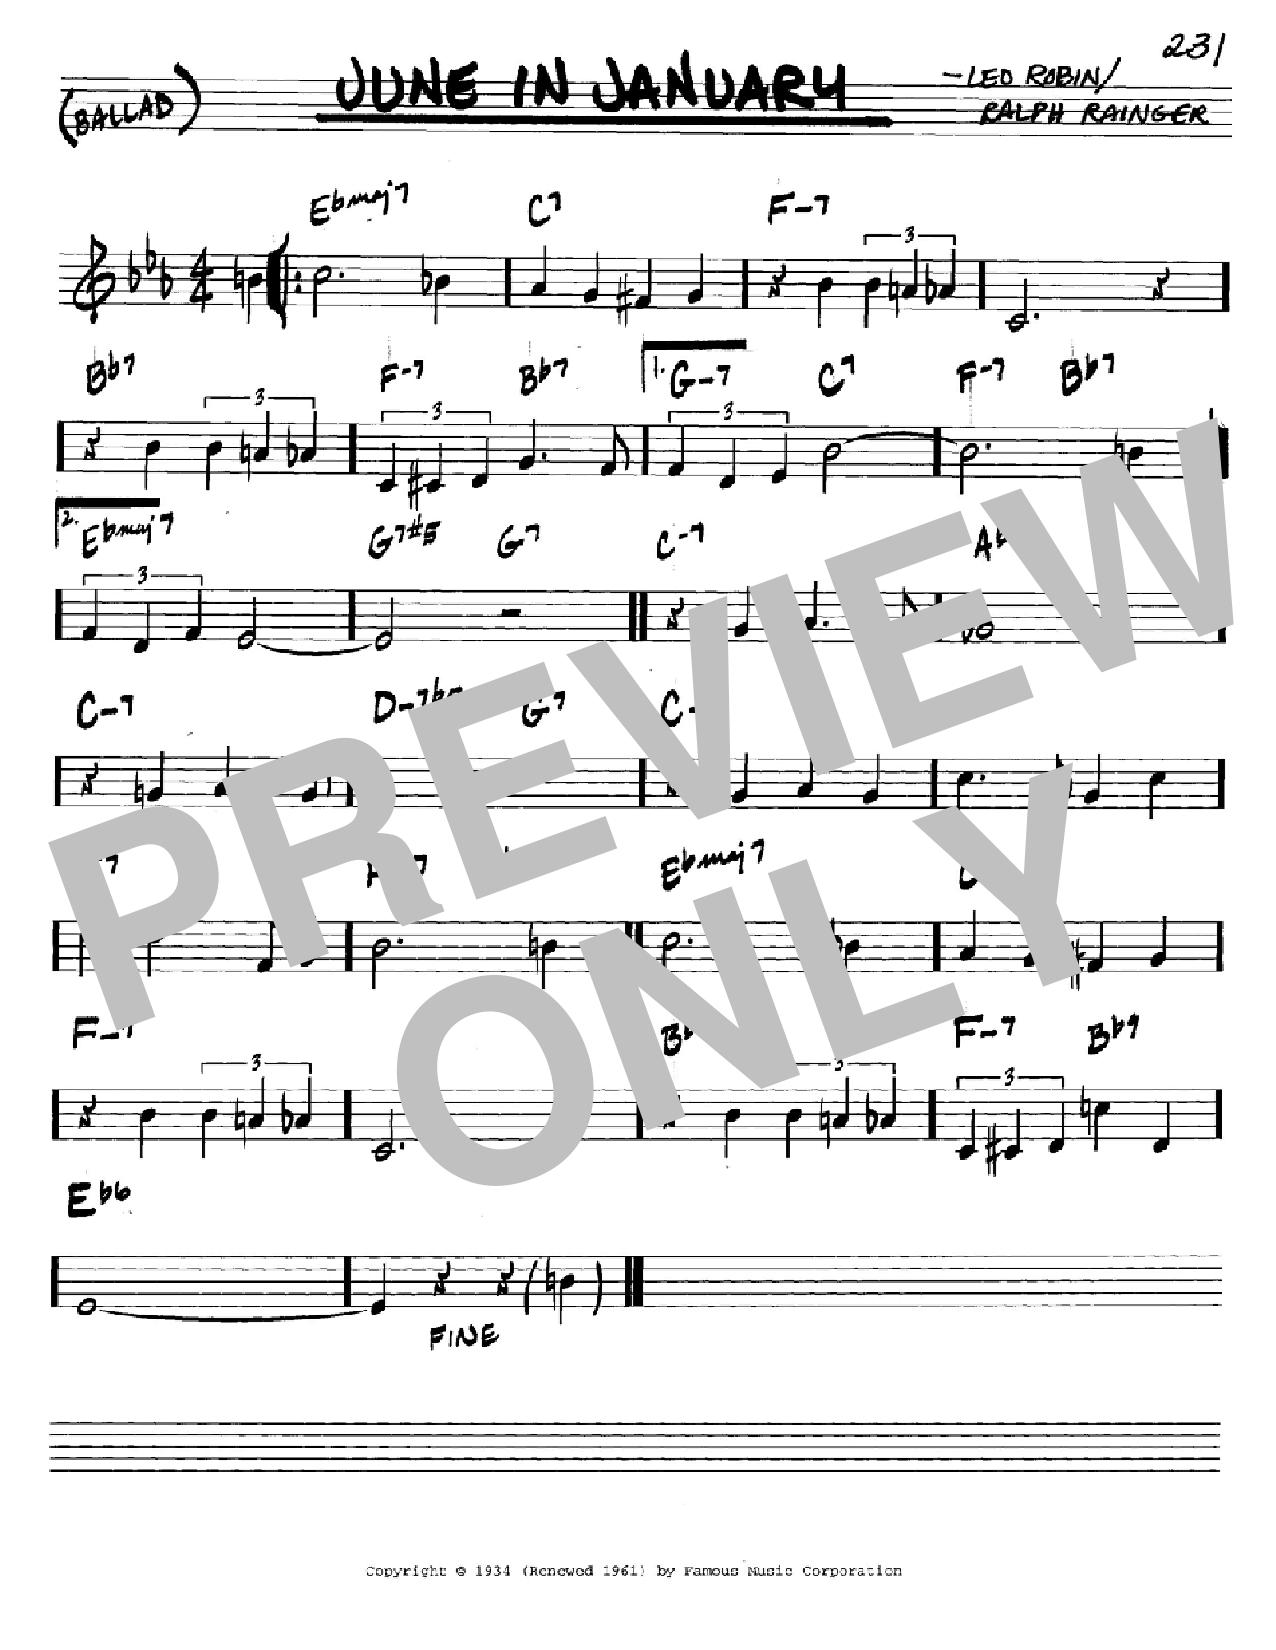 Partition autre June In January de Ralph Rainger - Real Book, Melodie et Accords, Inst. En Do